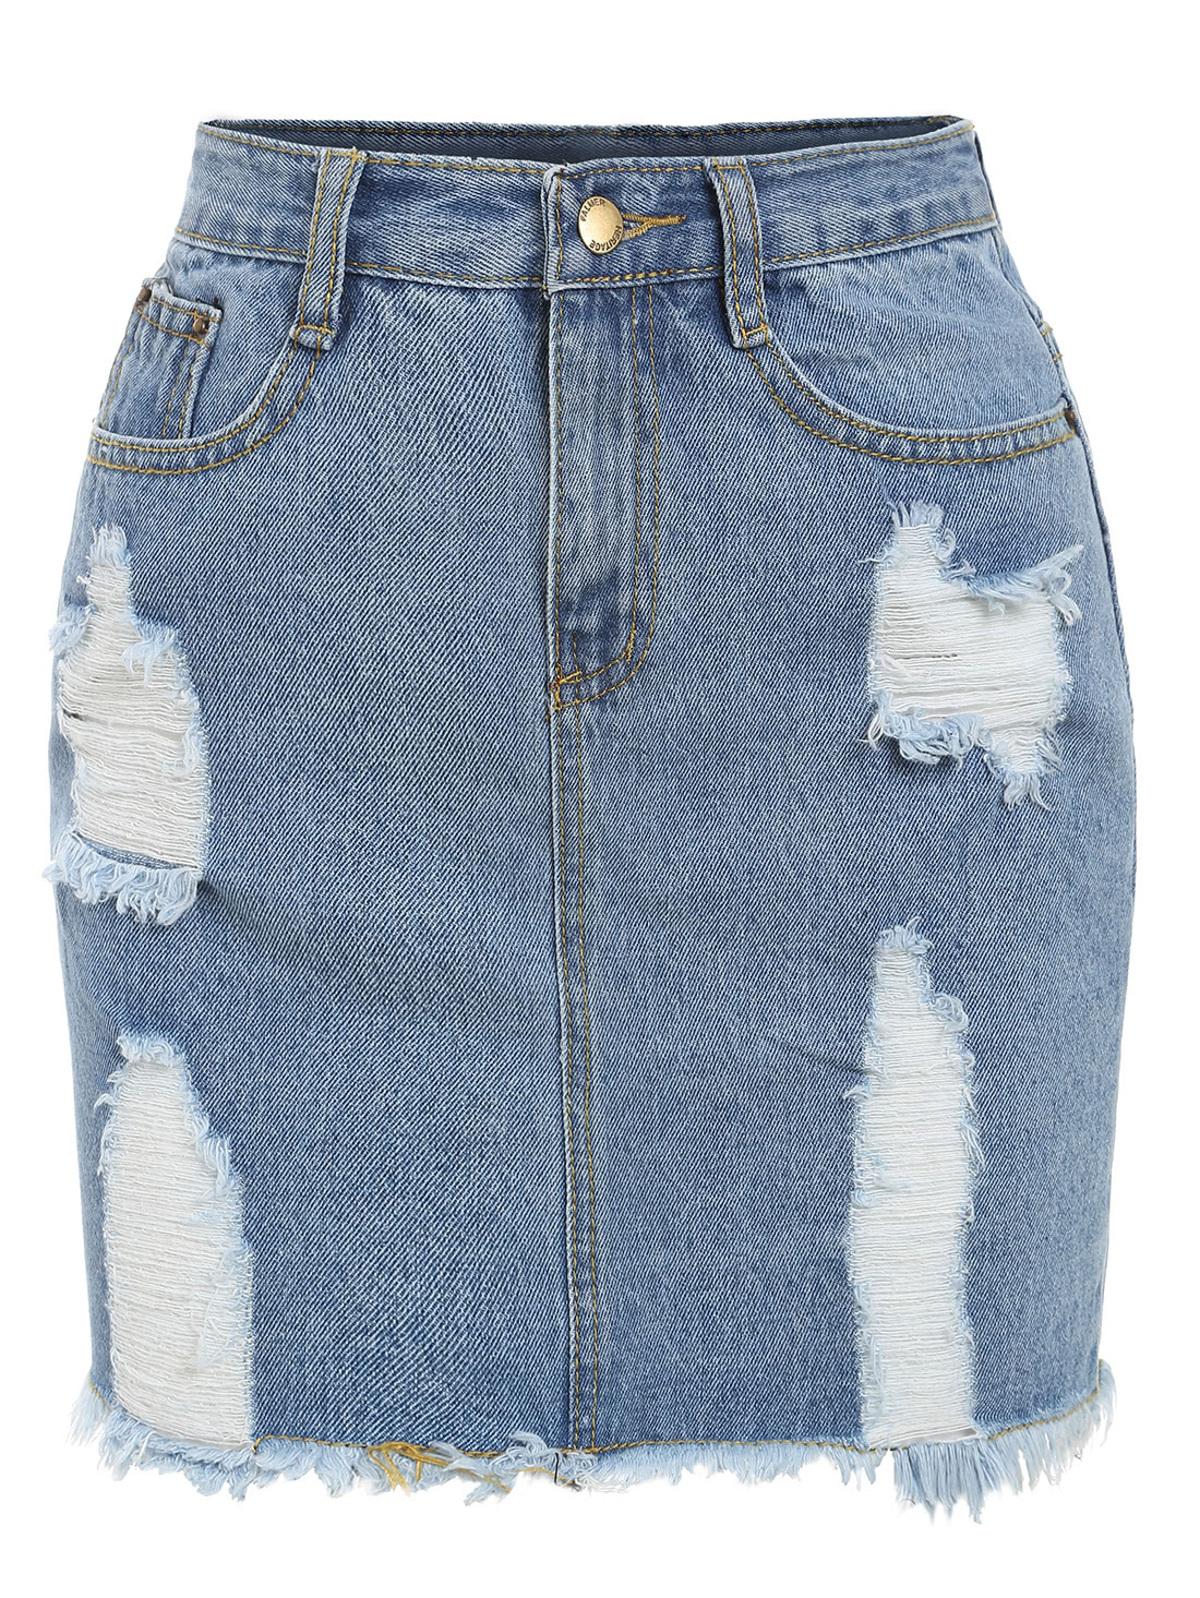 磨損的 牛仔布 鉛筆 裙子